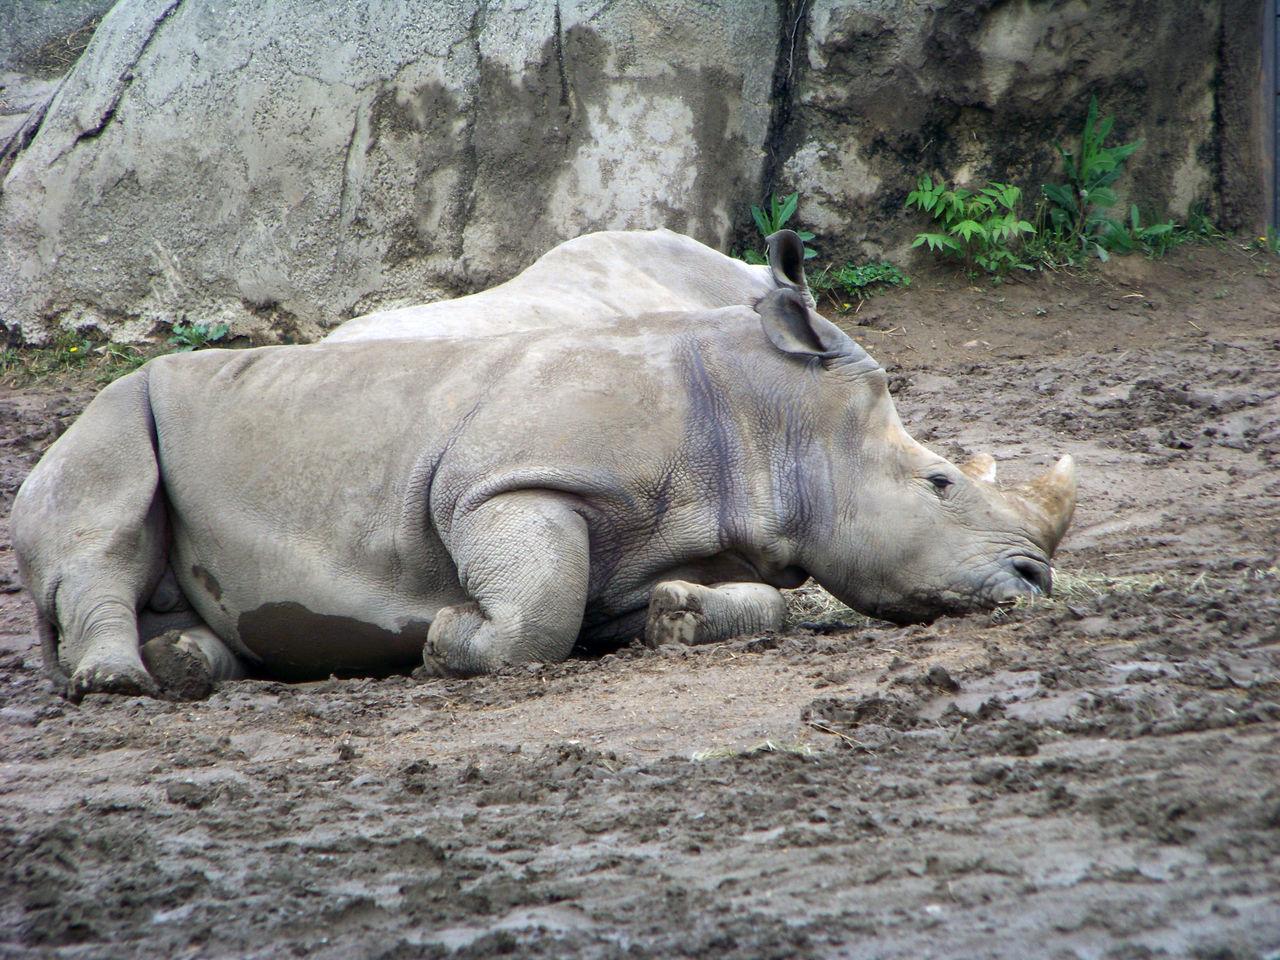 Rhinoceros Relaxing On Field